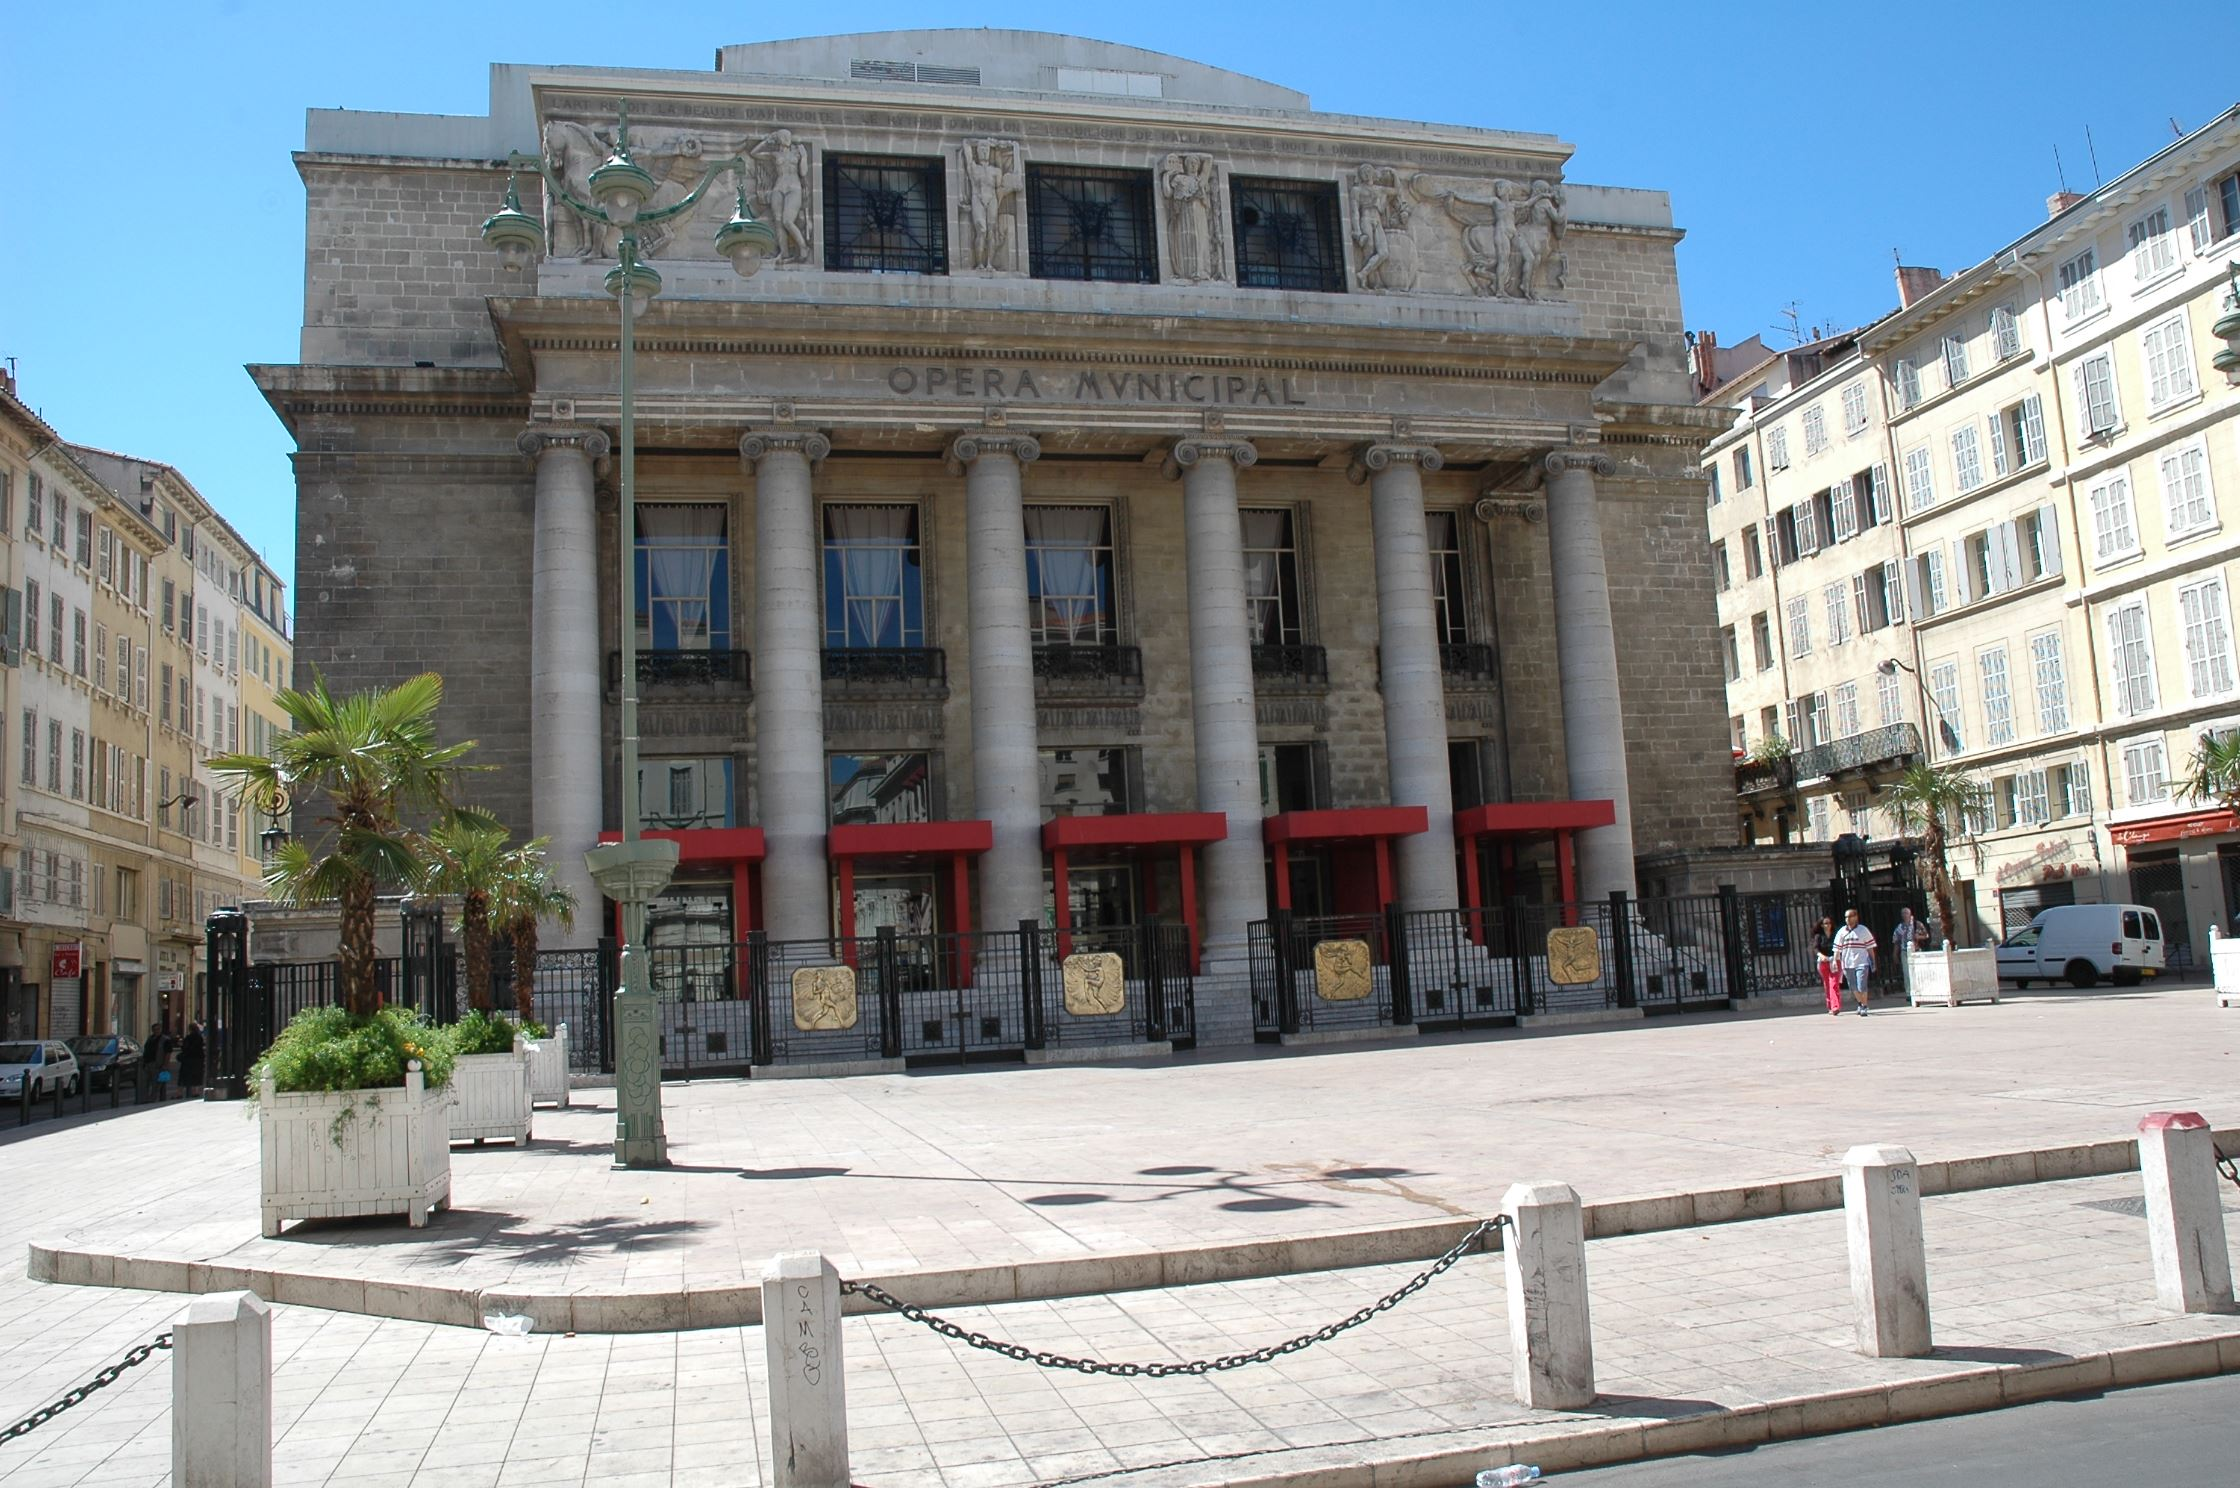 L'Opéra et son atelier de couture